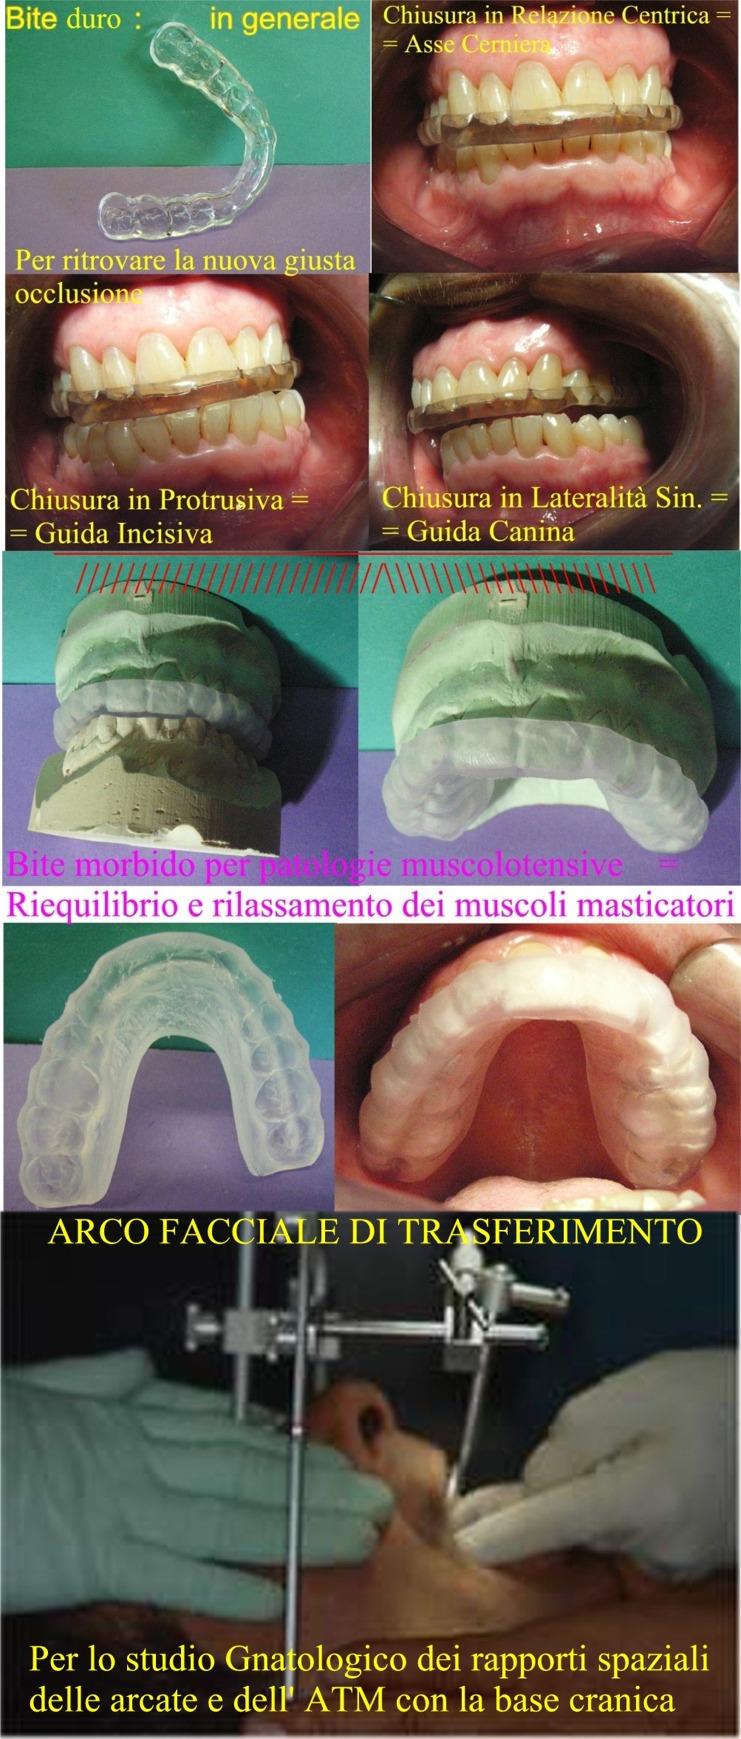 Diversi tipi di Bite e Arco Facciale di Trasferimento per analisi Gnatologica. Da casistica Dr. Gustavo Petti Parodontologo Gnatologo di Cagliari